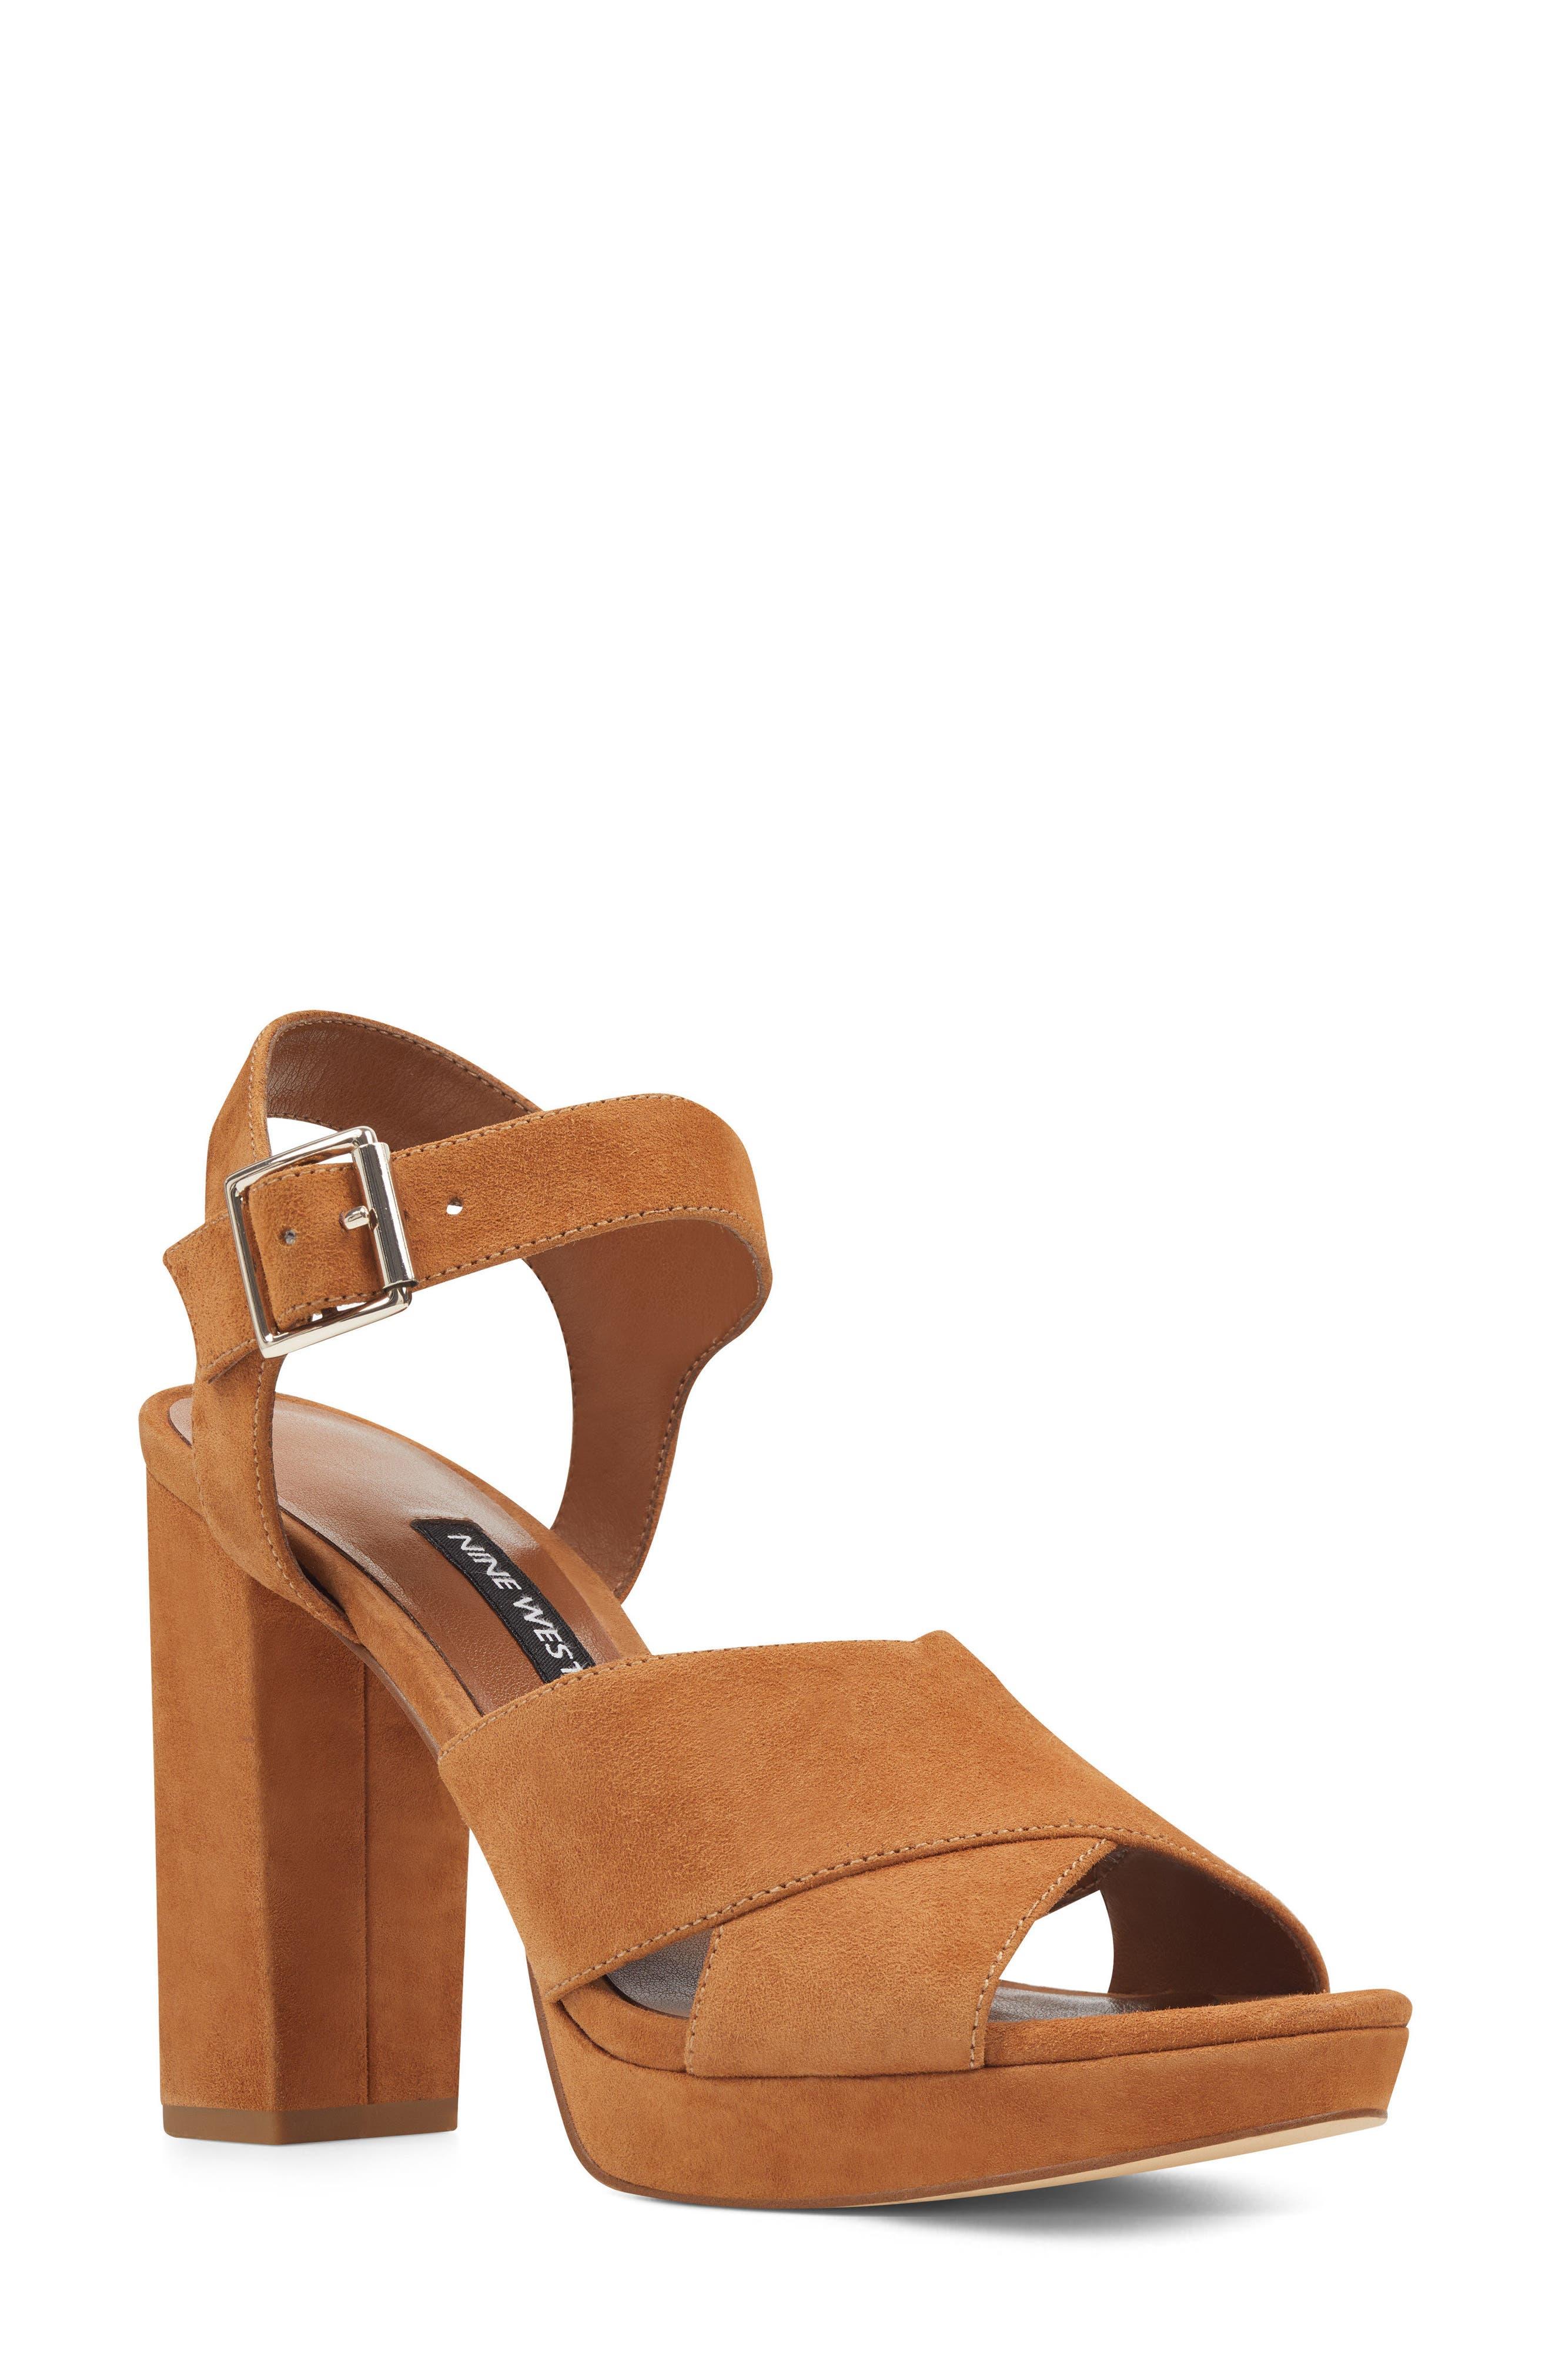 Jimar Platform Sandal,                         Main,                         color, DARK NATURAL SUEDE